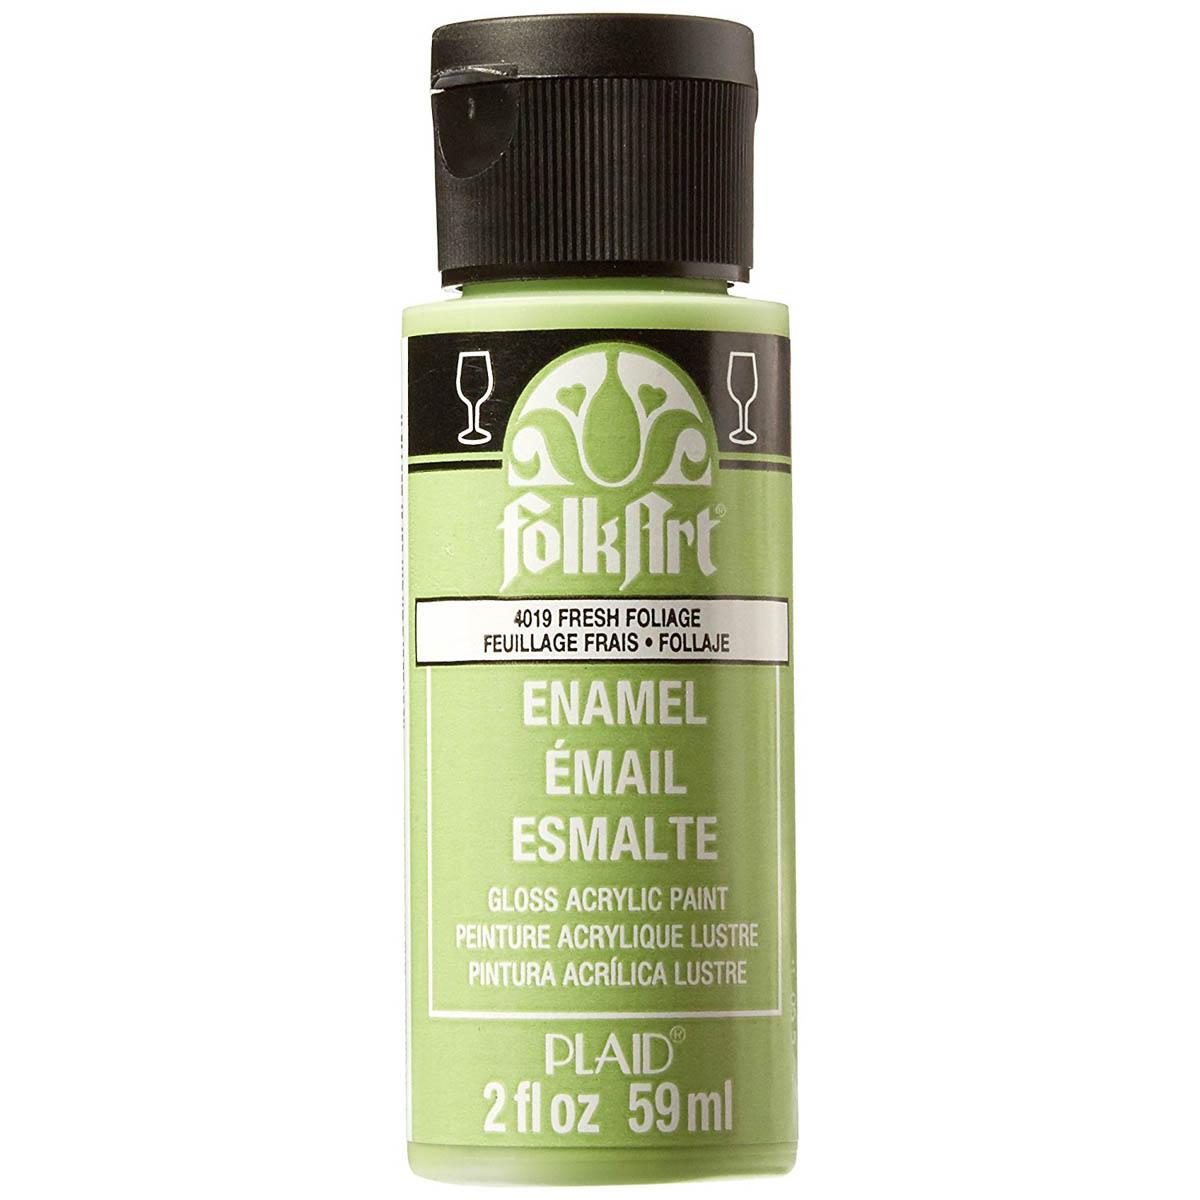 FolkArt ® Enamels™ - Fresh Foliage, 2 oz. - 4019